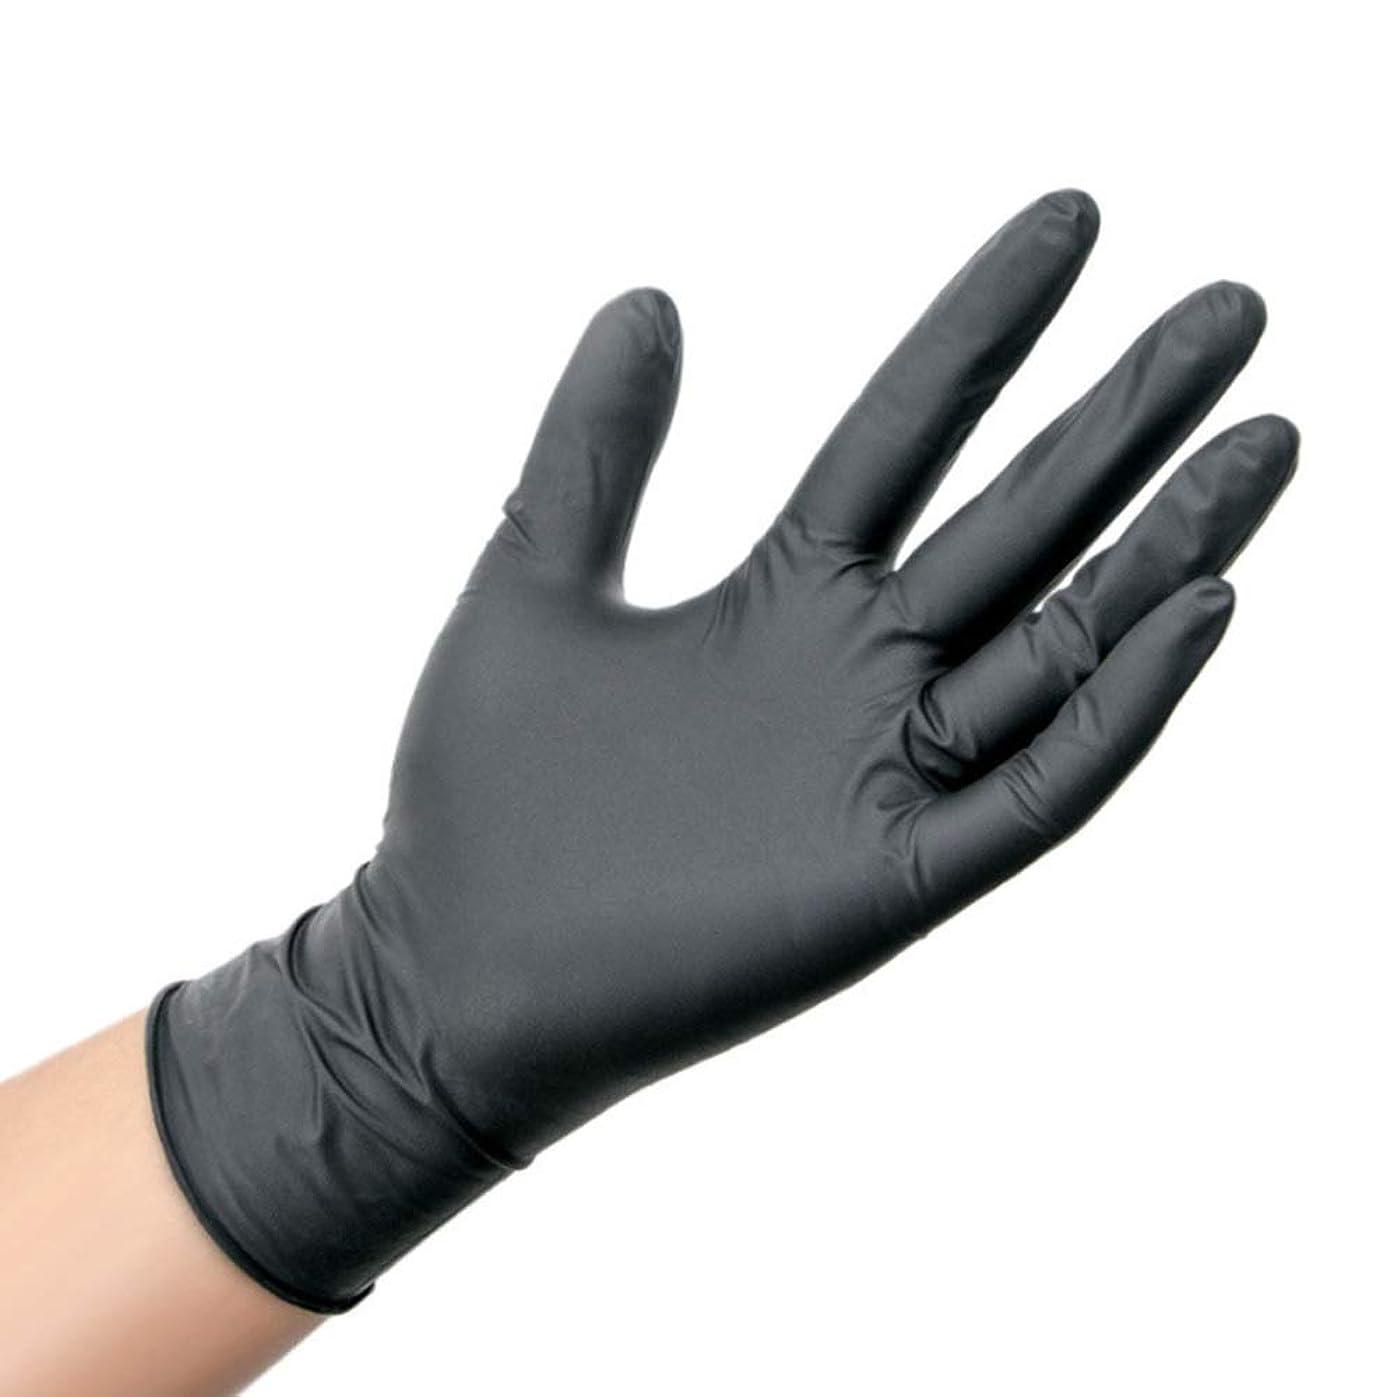 系譜ステレオタイプ北米肥厚した抗酸とアルカリの帯電防止保護手袋使い捨て工業用ニトリルゴム手袋 YANW (色 : ブラック, サイズ さいず : M m)